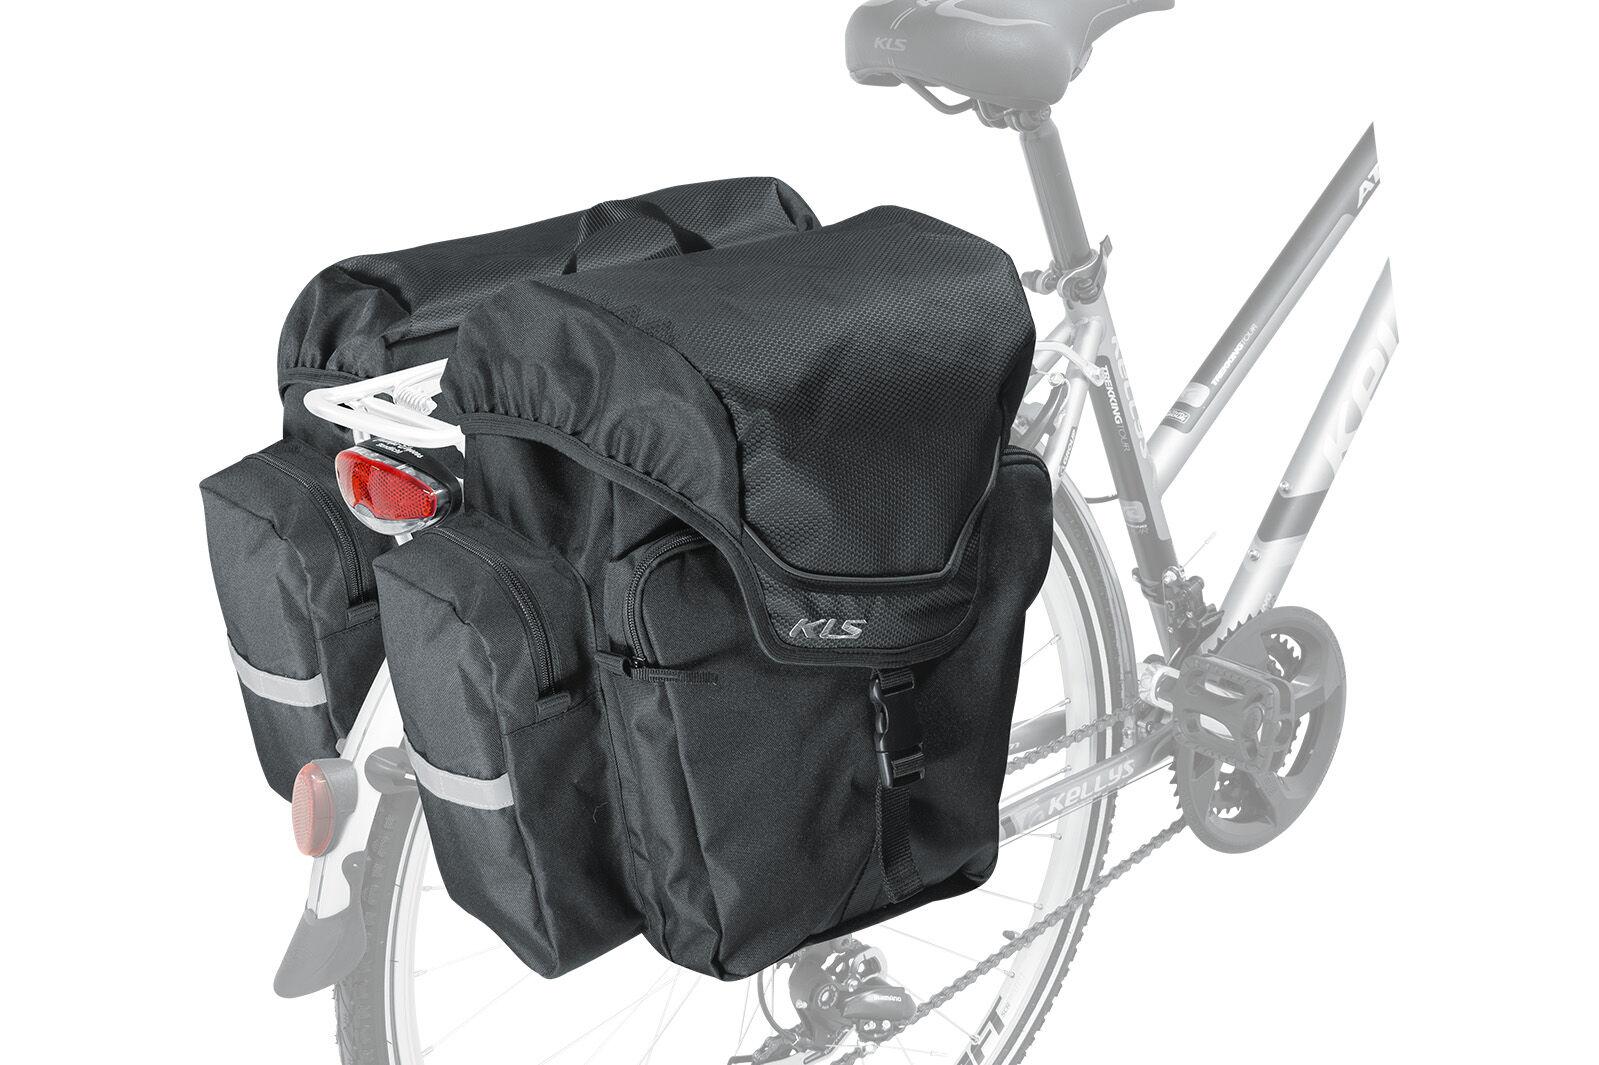 KLS Adventure csomagtartó táska kerékpárra